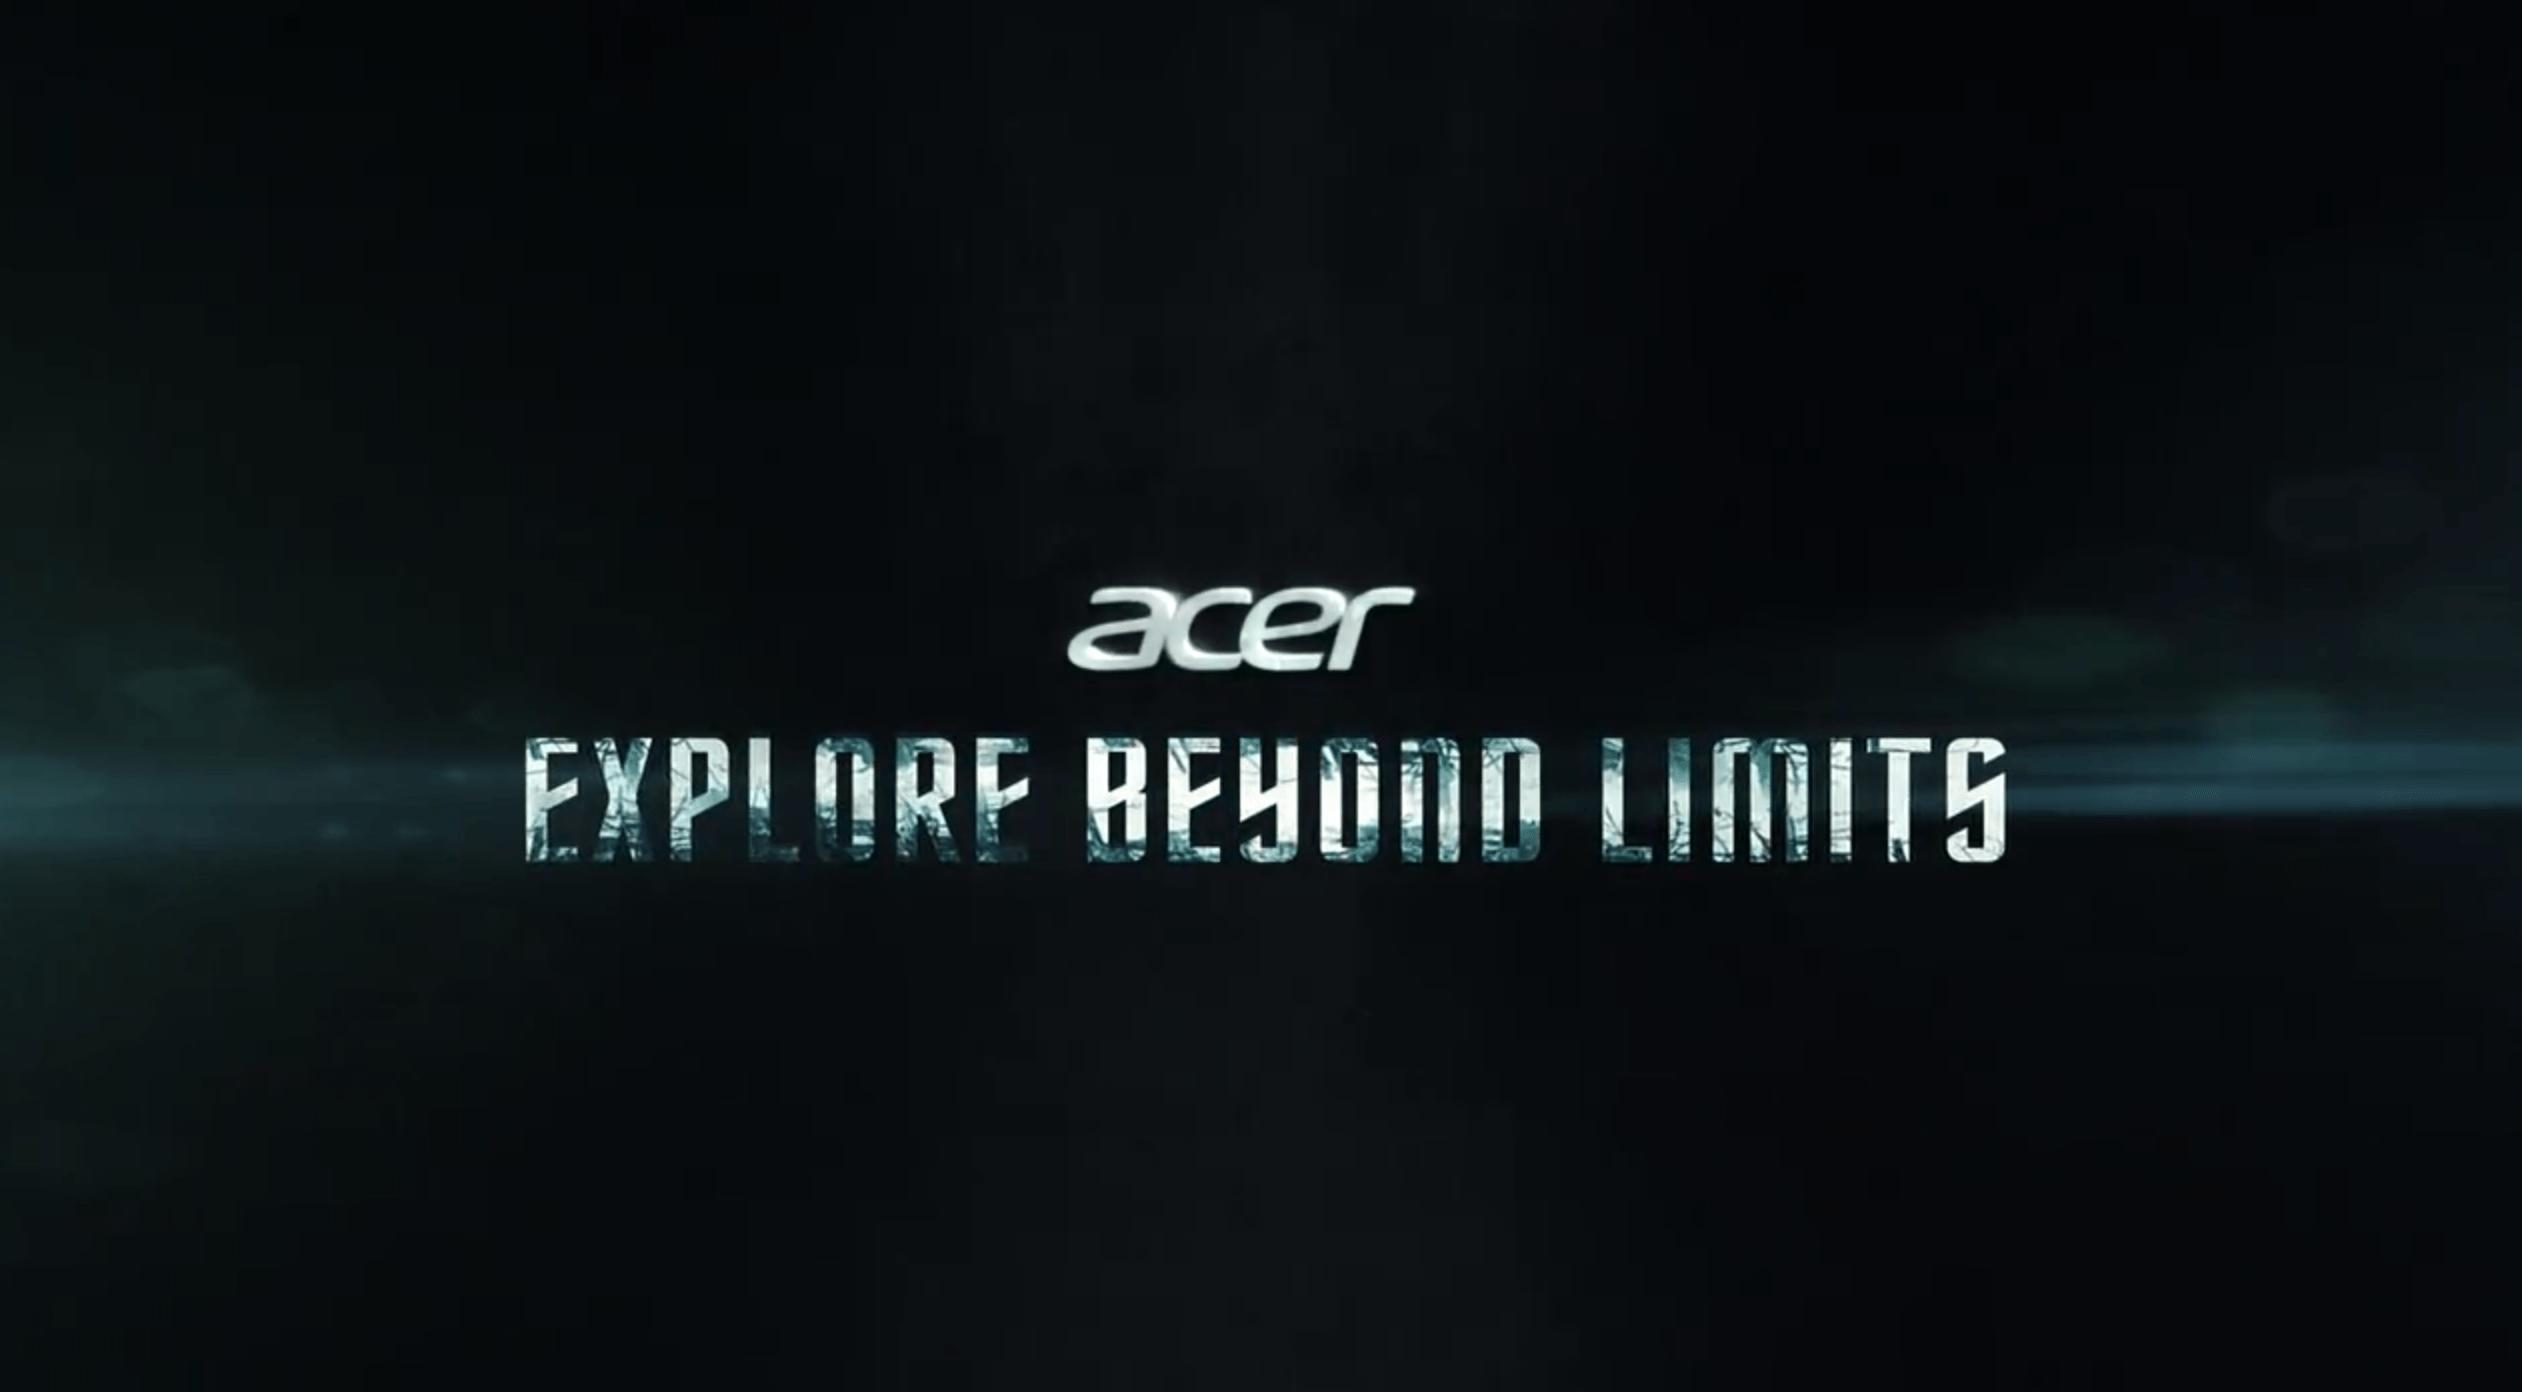 Bientôt un partenariat avec Acer ?